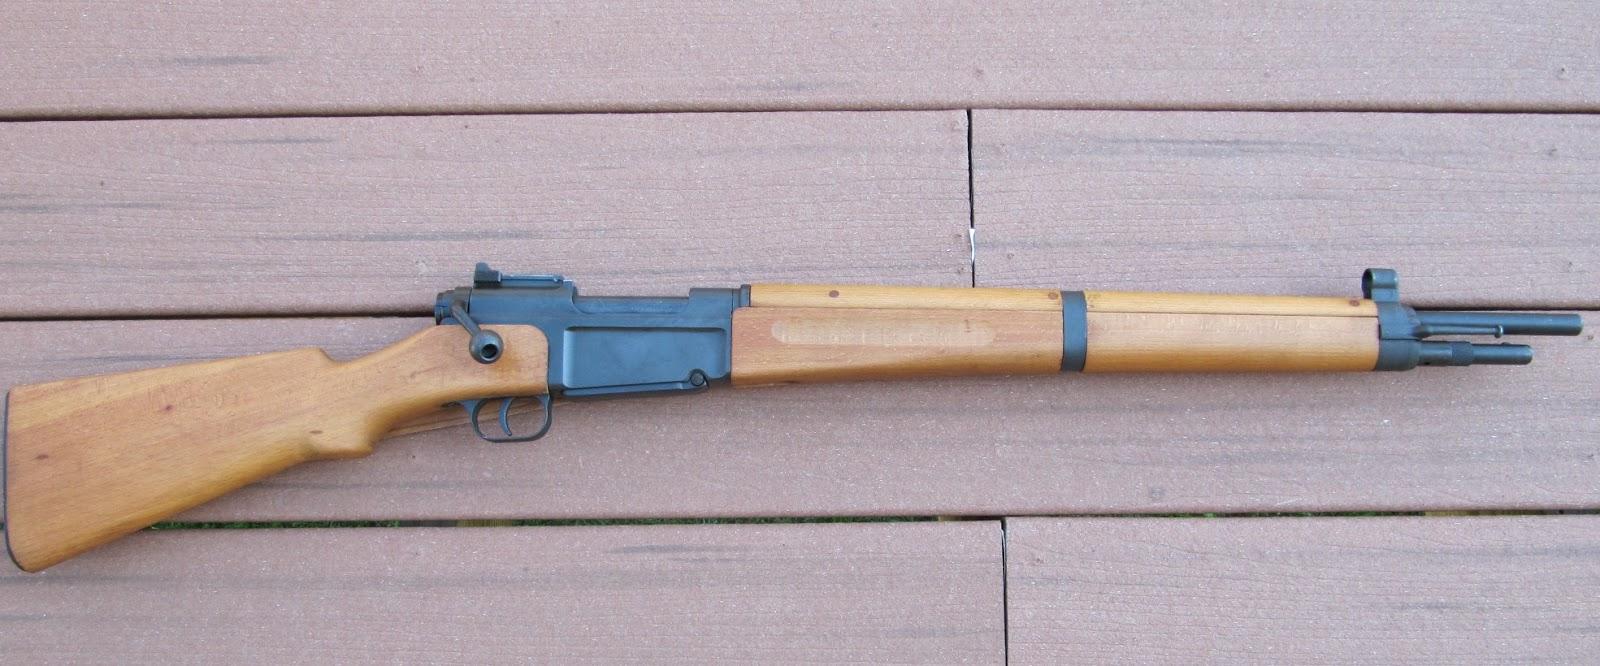 MAS-36 rifle - Wikipedia